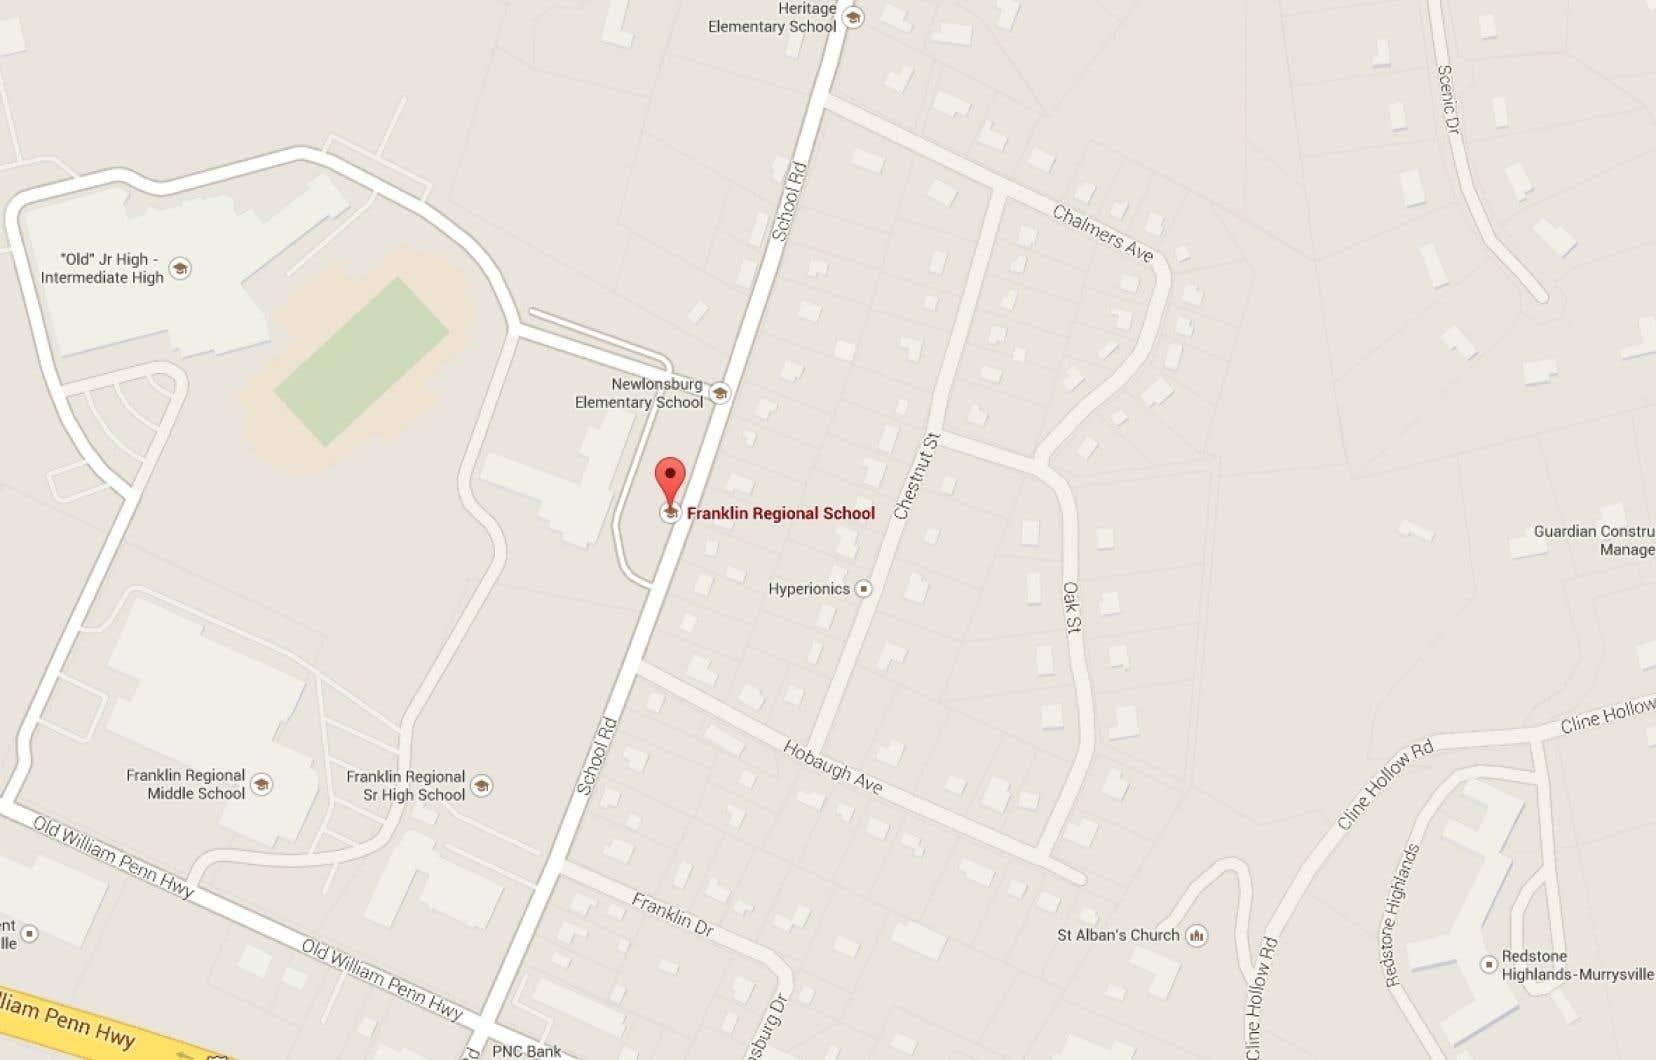 L'agression à l'arme blanche est survenue dans l'école secondaire Franklin Regional de Murrysville, près de Pittsburgh